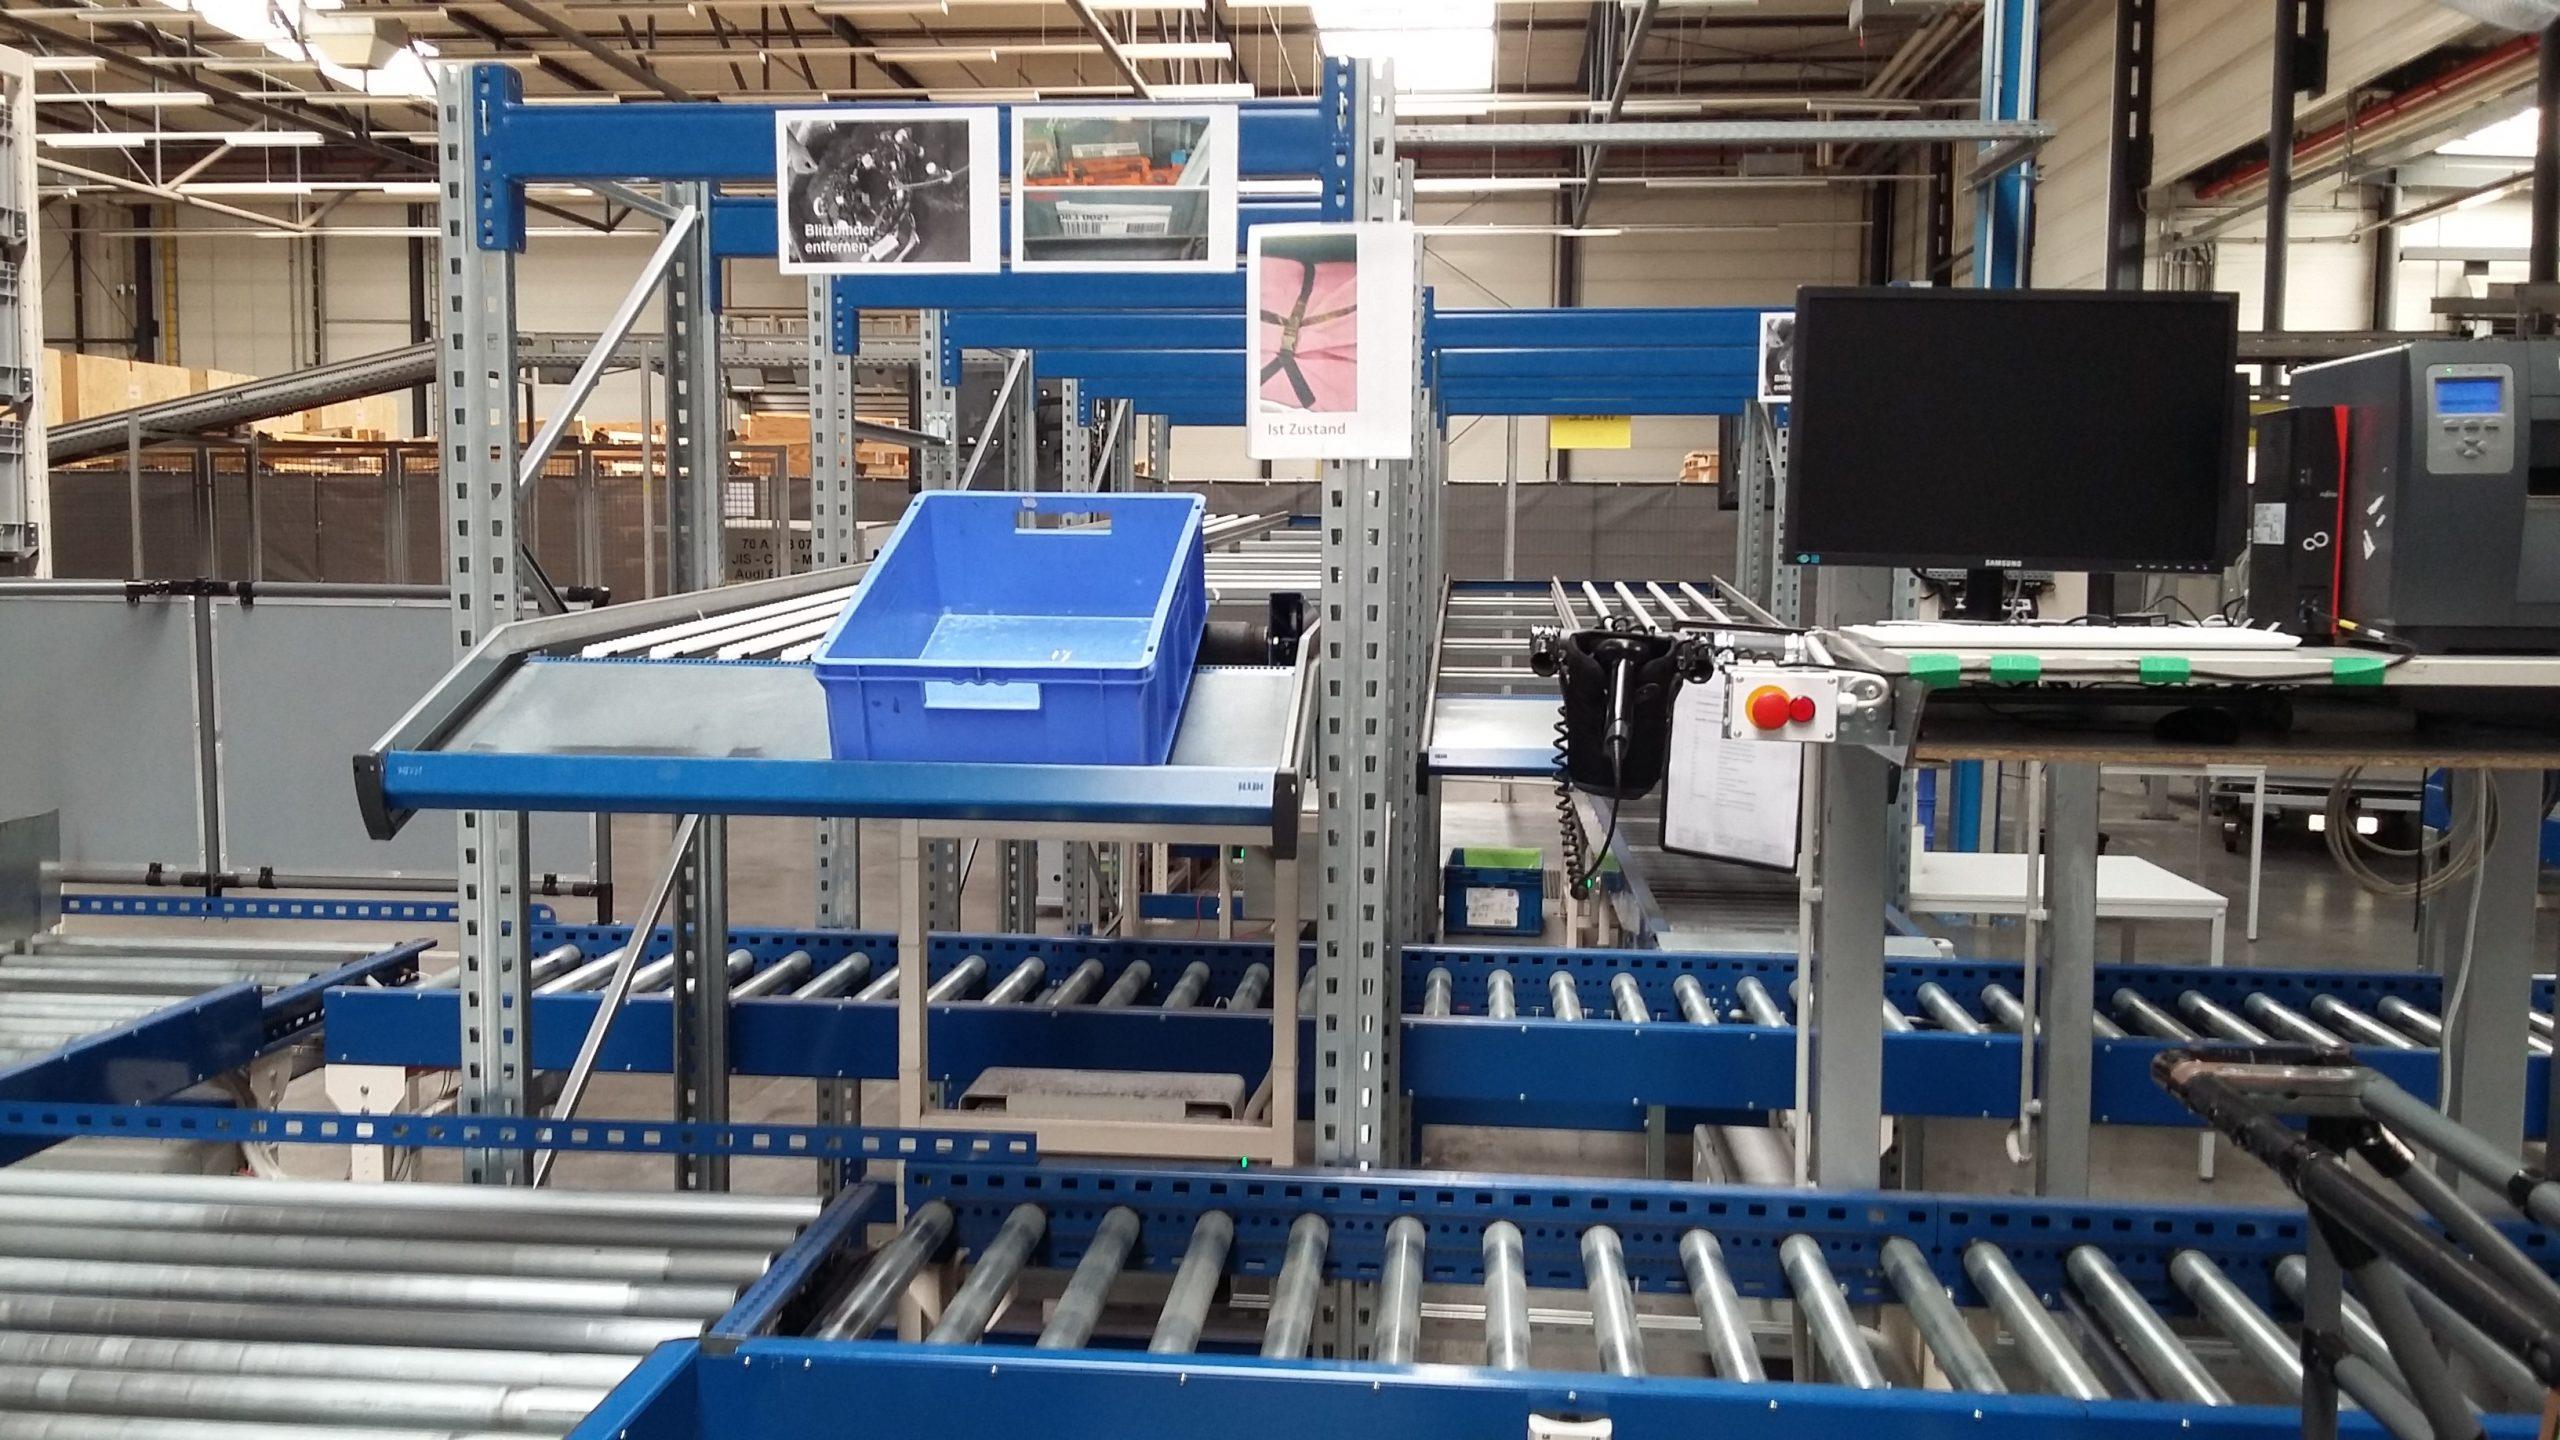 Автоматизация производственного склада Kromberg&Schubert - 8 - kapelou.com